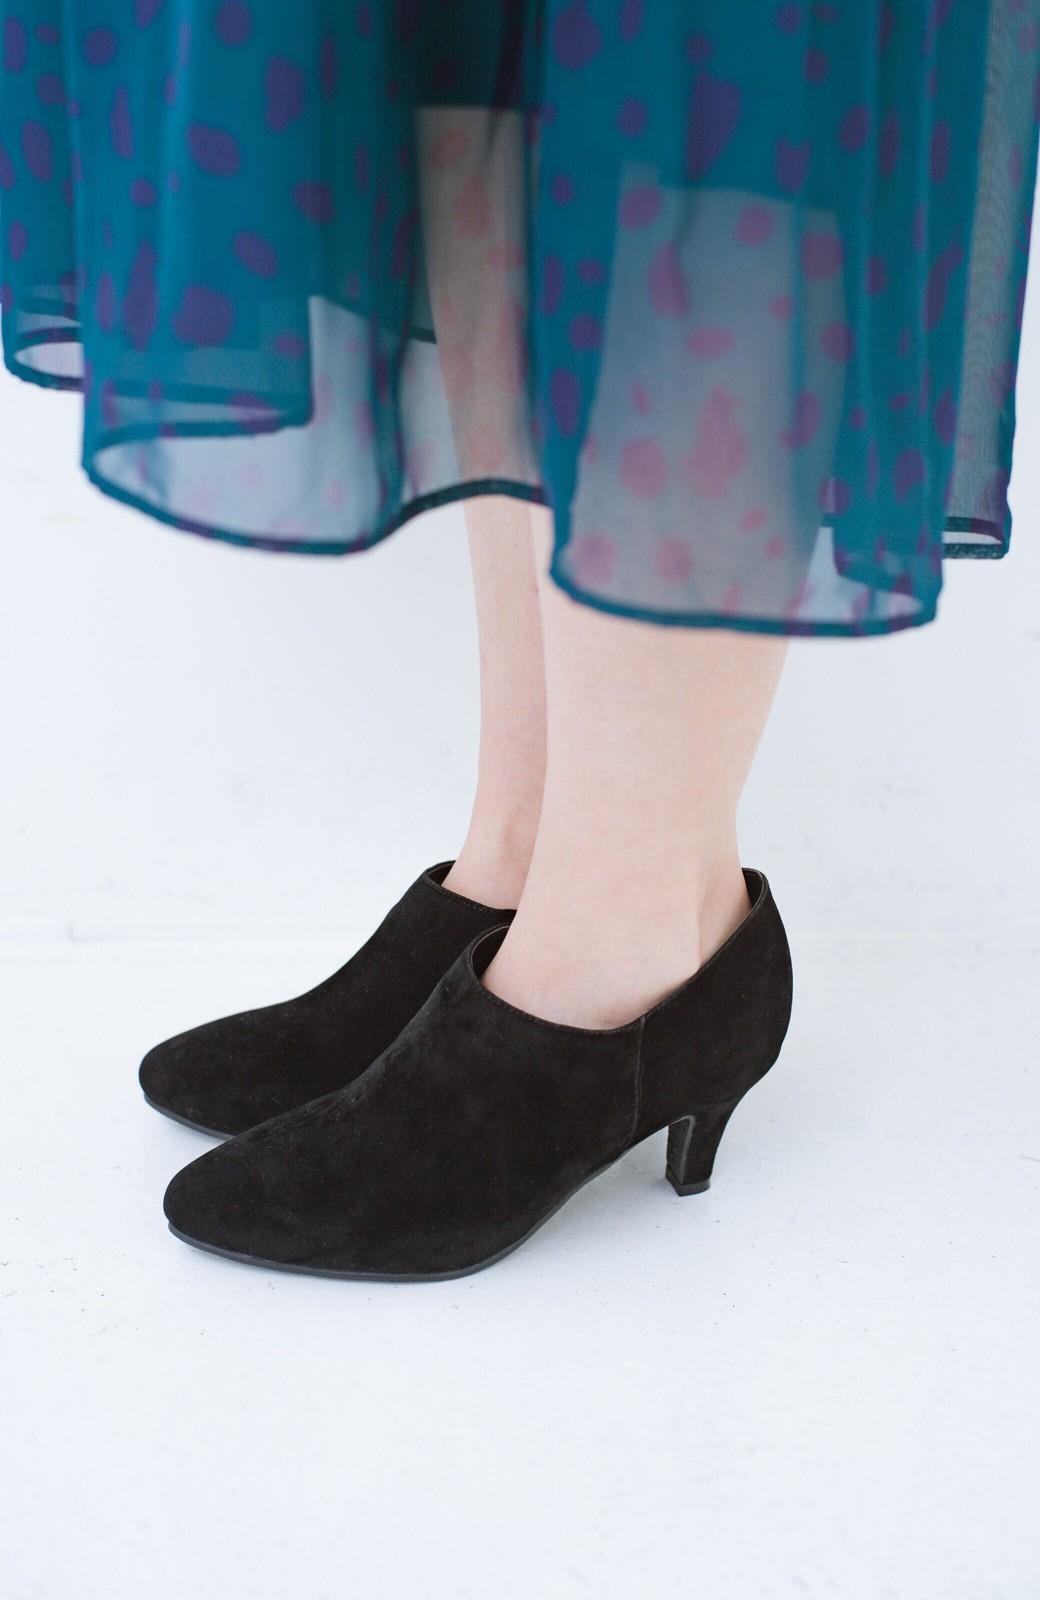 haco! パンツにもスカートにも便利な女っぽブーティー <ブラック>の商品写真8